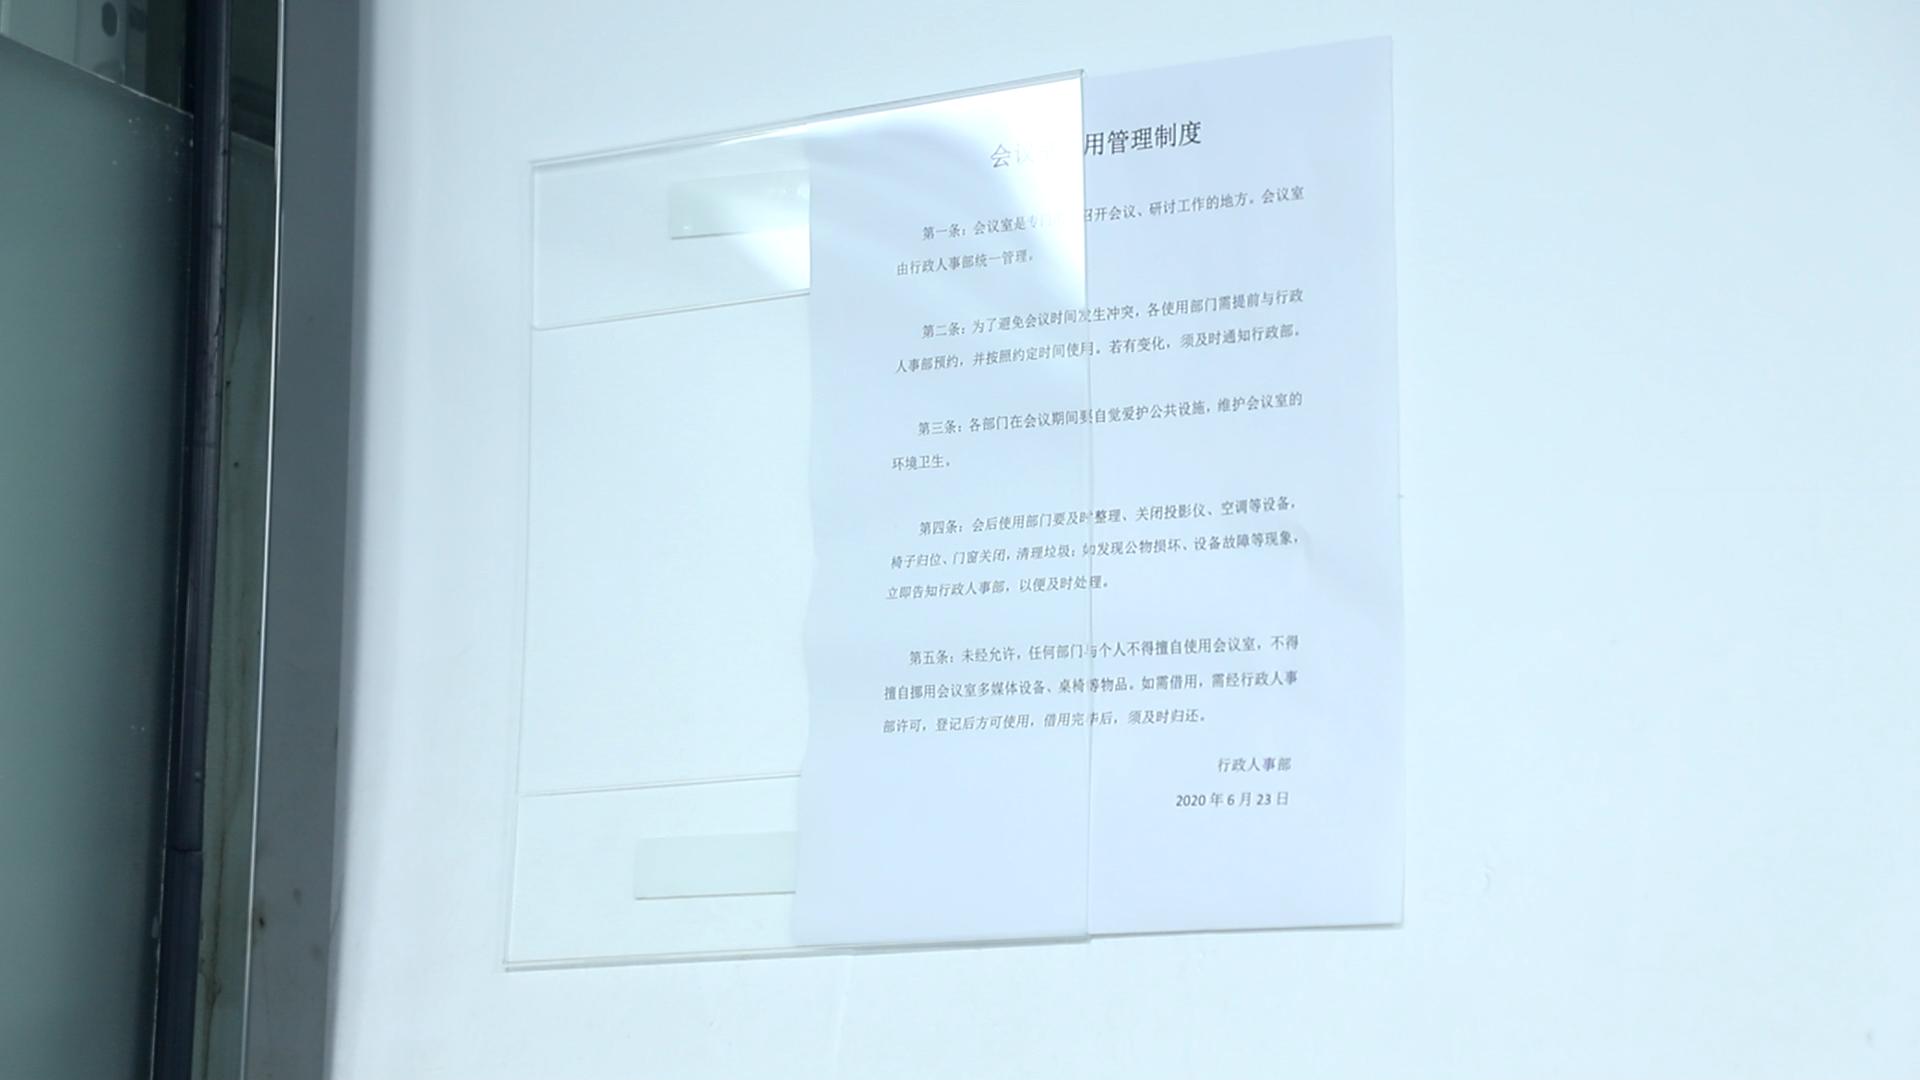 Dudukan Tanda Pasang Dinding Akrilik, Dudukan Label Tampilan Plexiglass, Perekat Bingkai Dinding Menu Dudukan Plat Nama 2X8 Inci